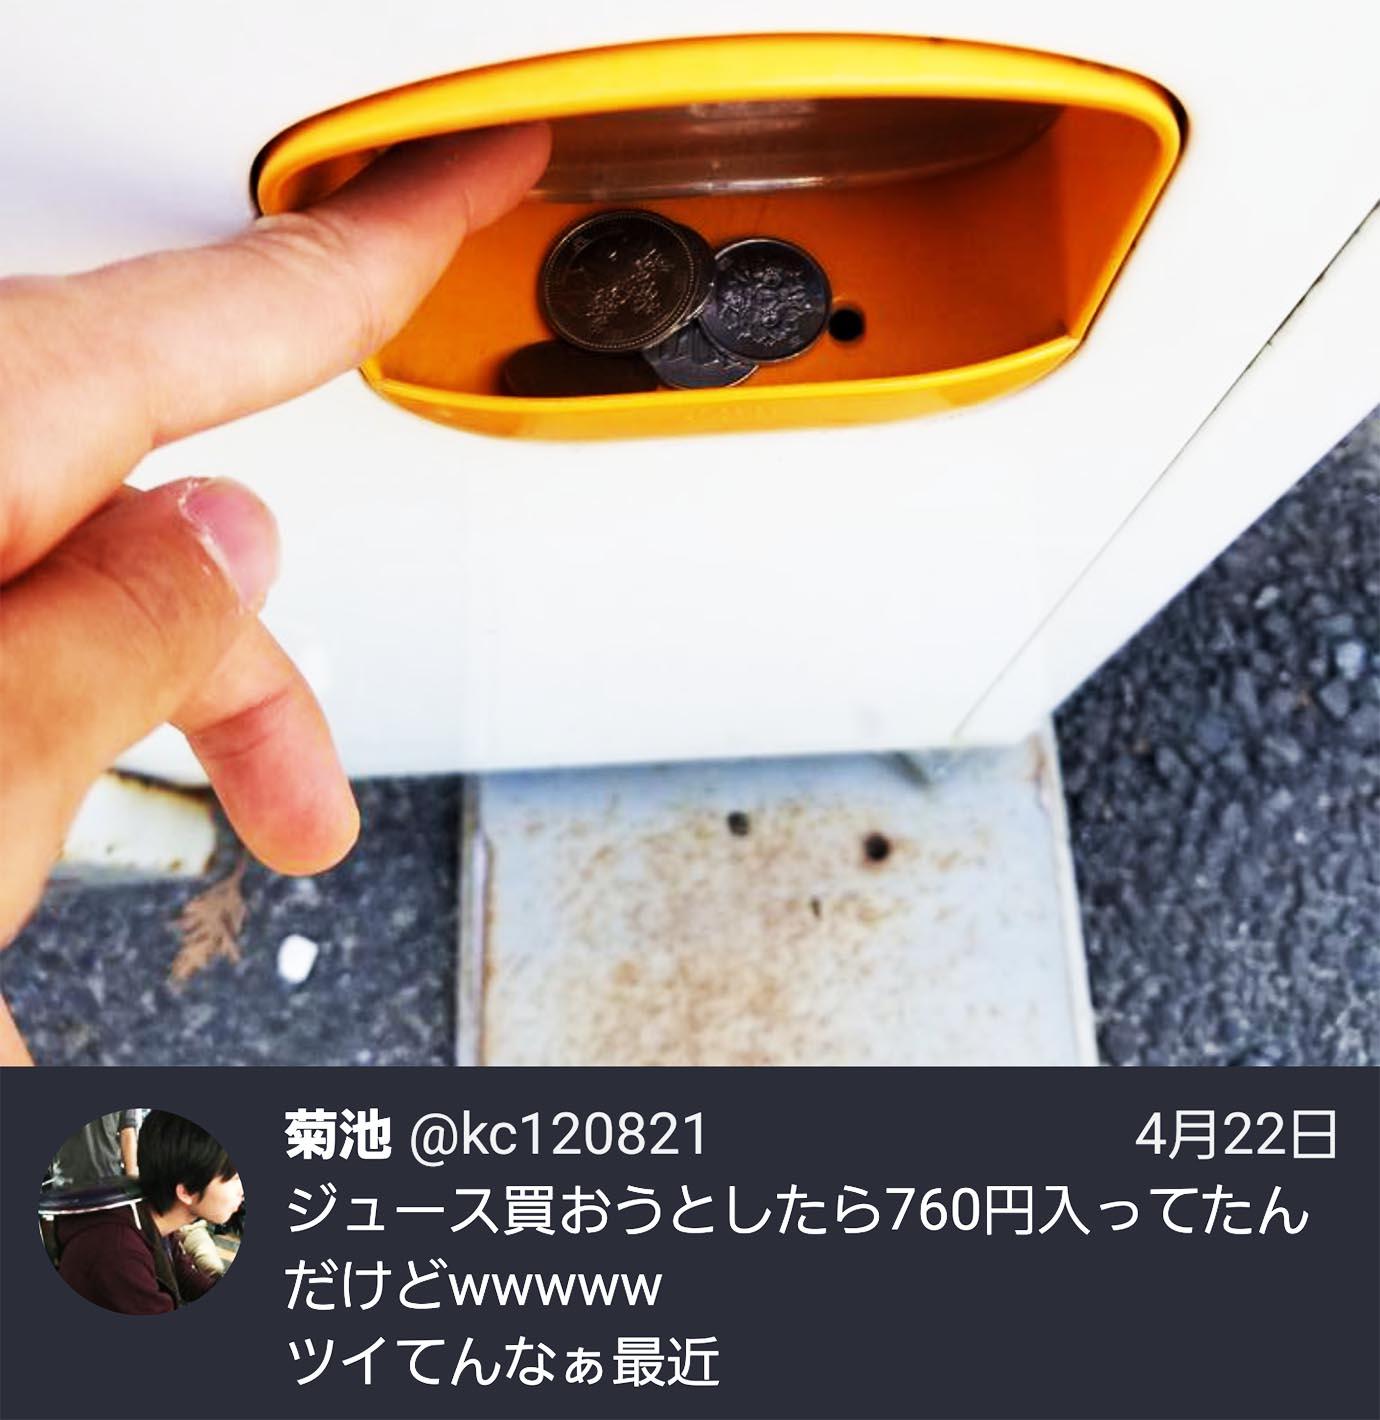 kikuchi-keio1